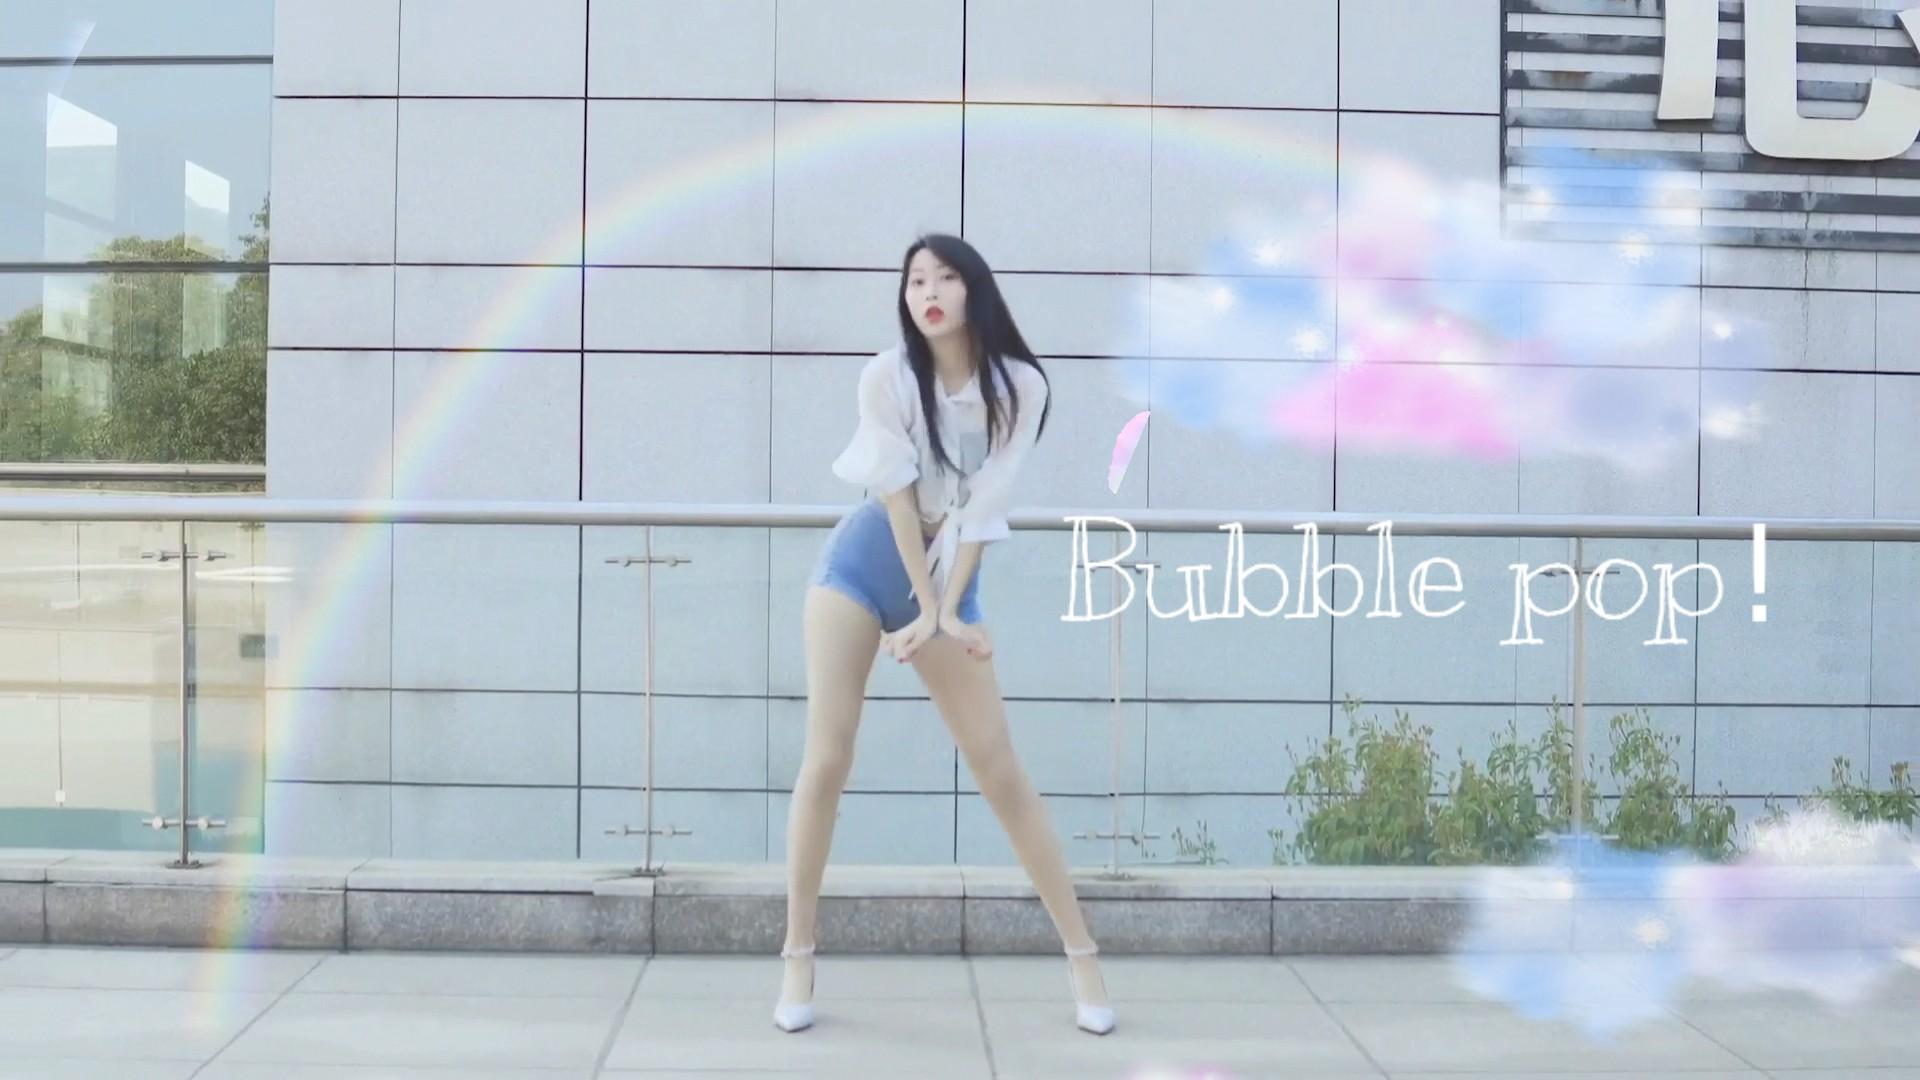 【座山雕】竖屏!bubble pop啵啵啵